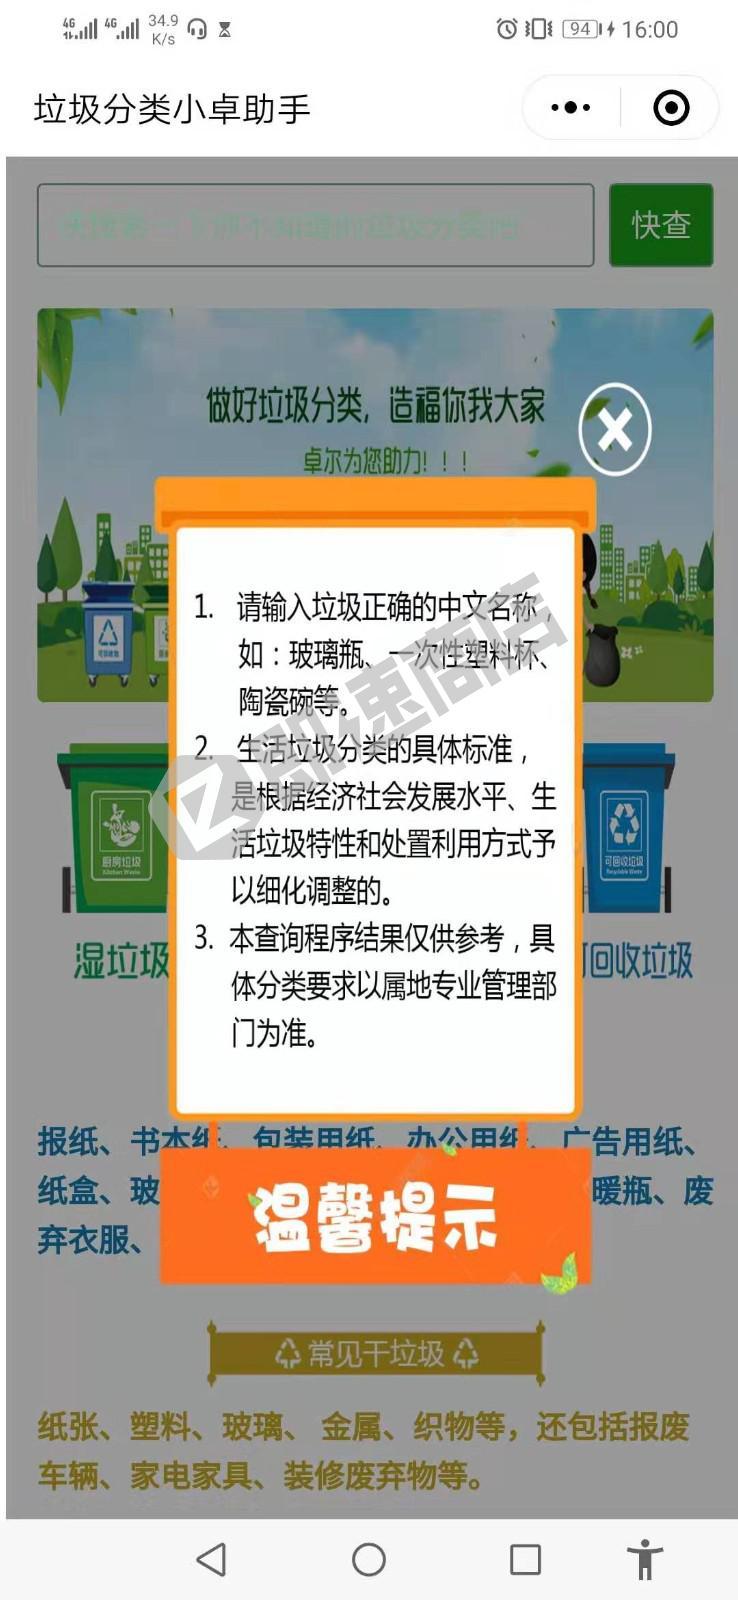 卓尔垃圾分类管家小程序首页截图